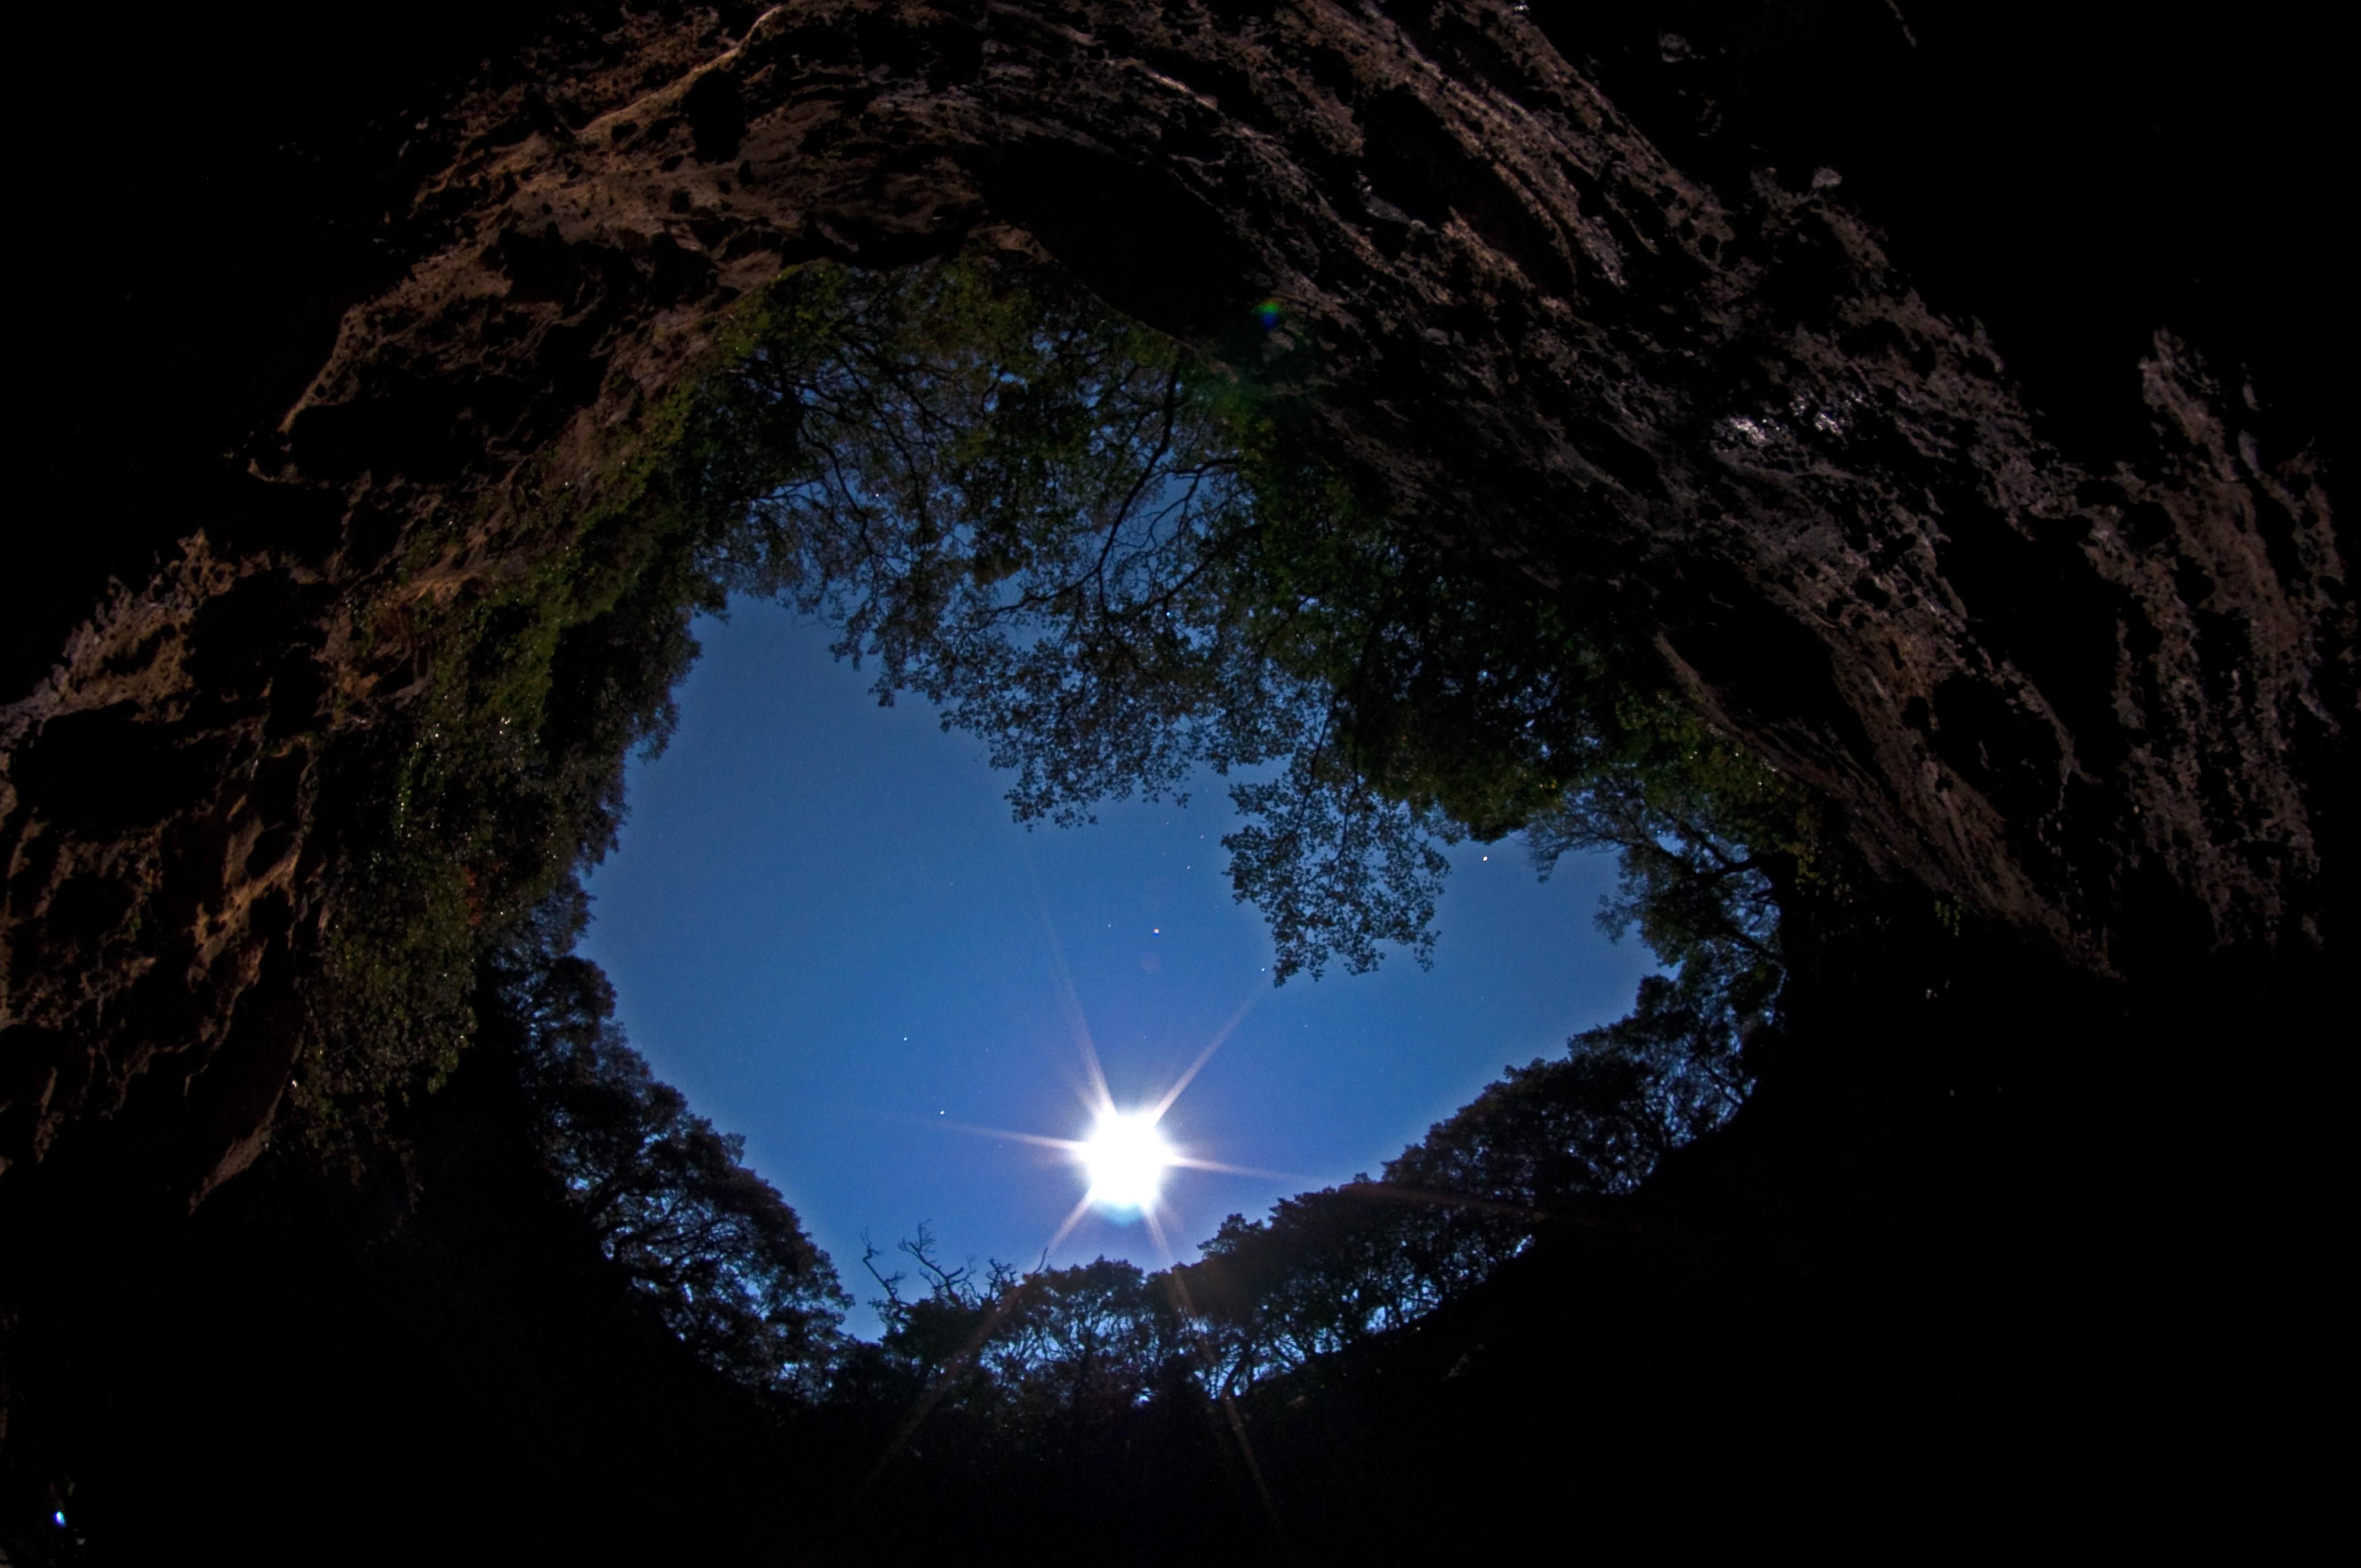 龍宮窟からの夜空 CC BY-SA